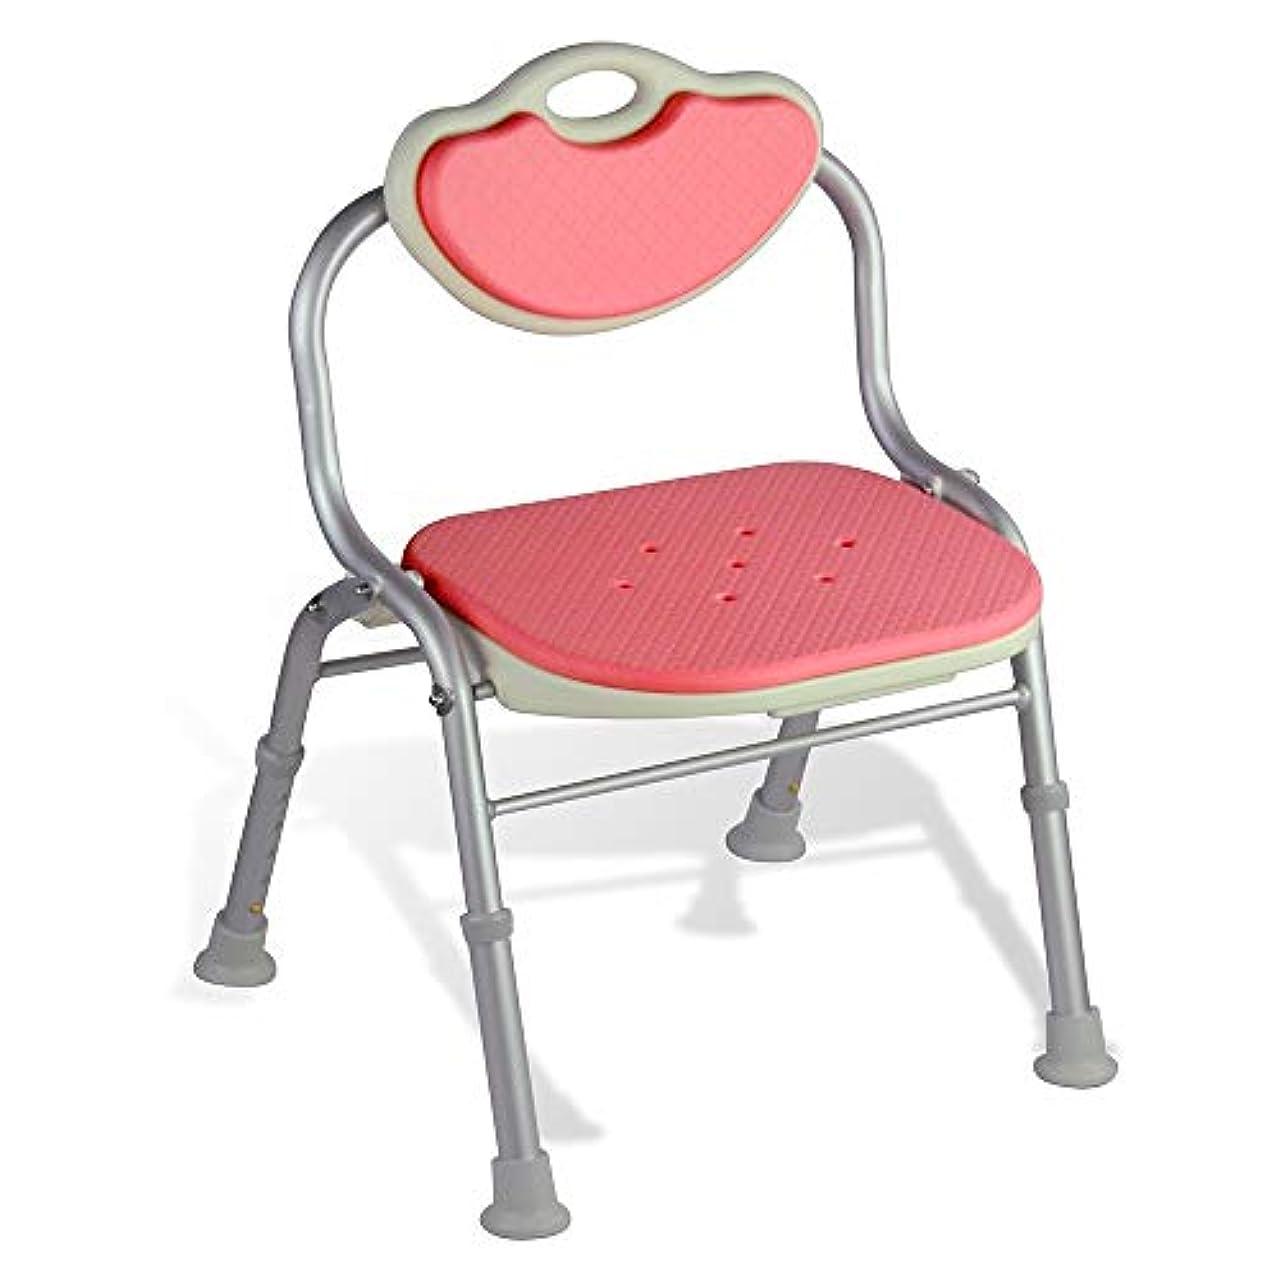 氏膿瘍嵐調節可能なシャワーチェア、背中付き-障害者、障害者、高齢者向けのバスタブチェア (Color : ピンク)